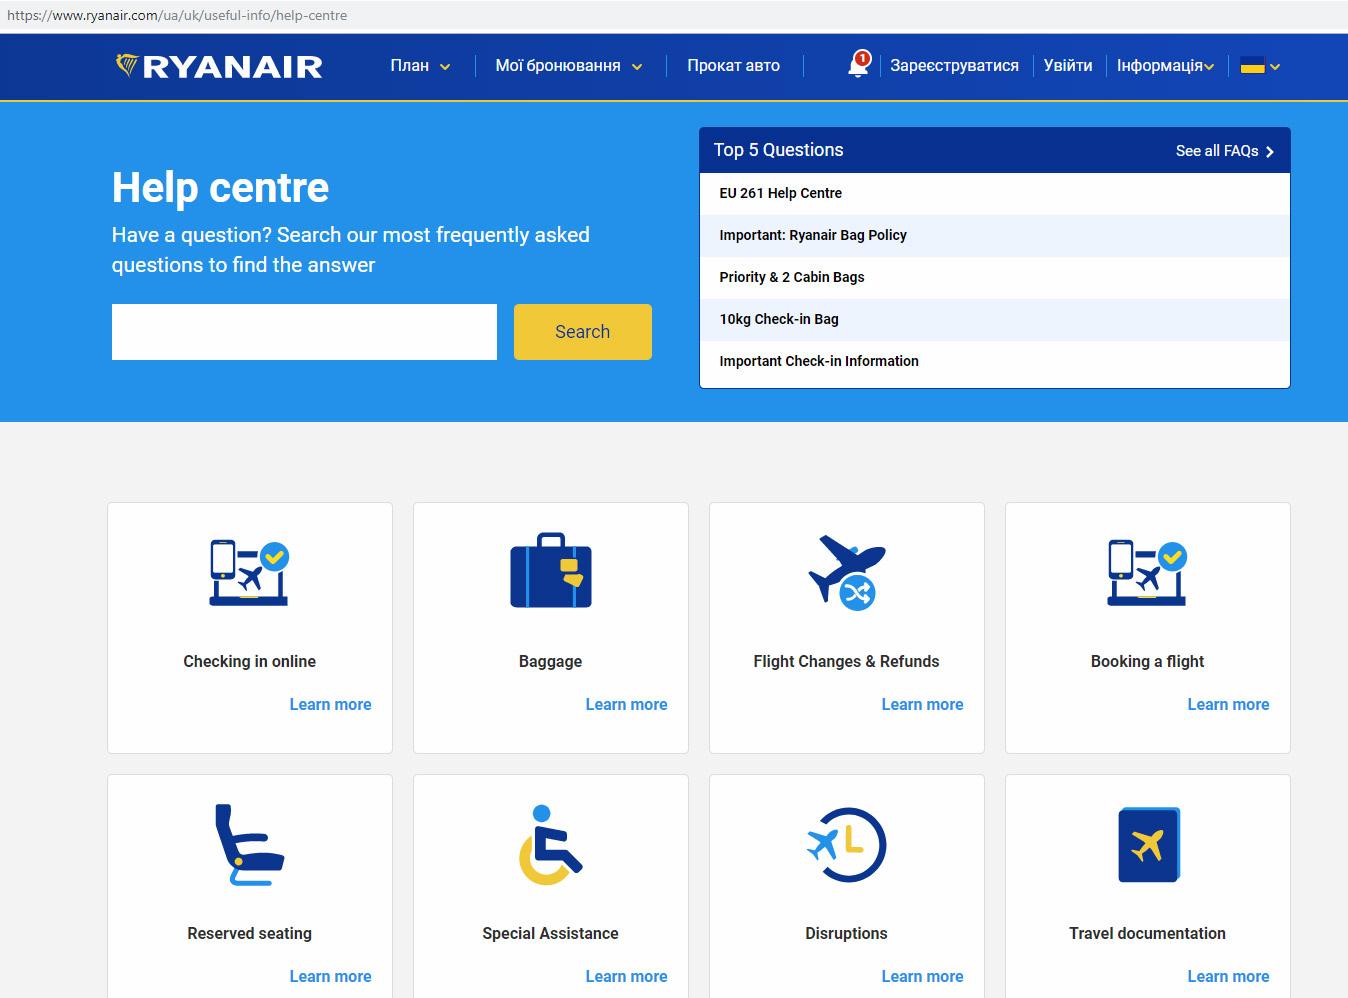 Справочный центр на версии сайта Ryanair для Украины пока доступен только на английском